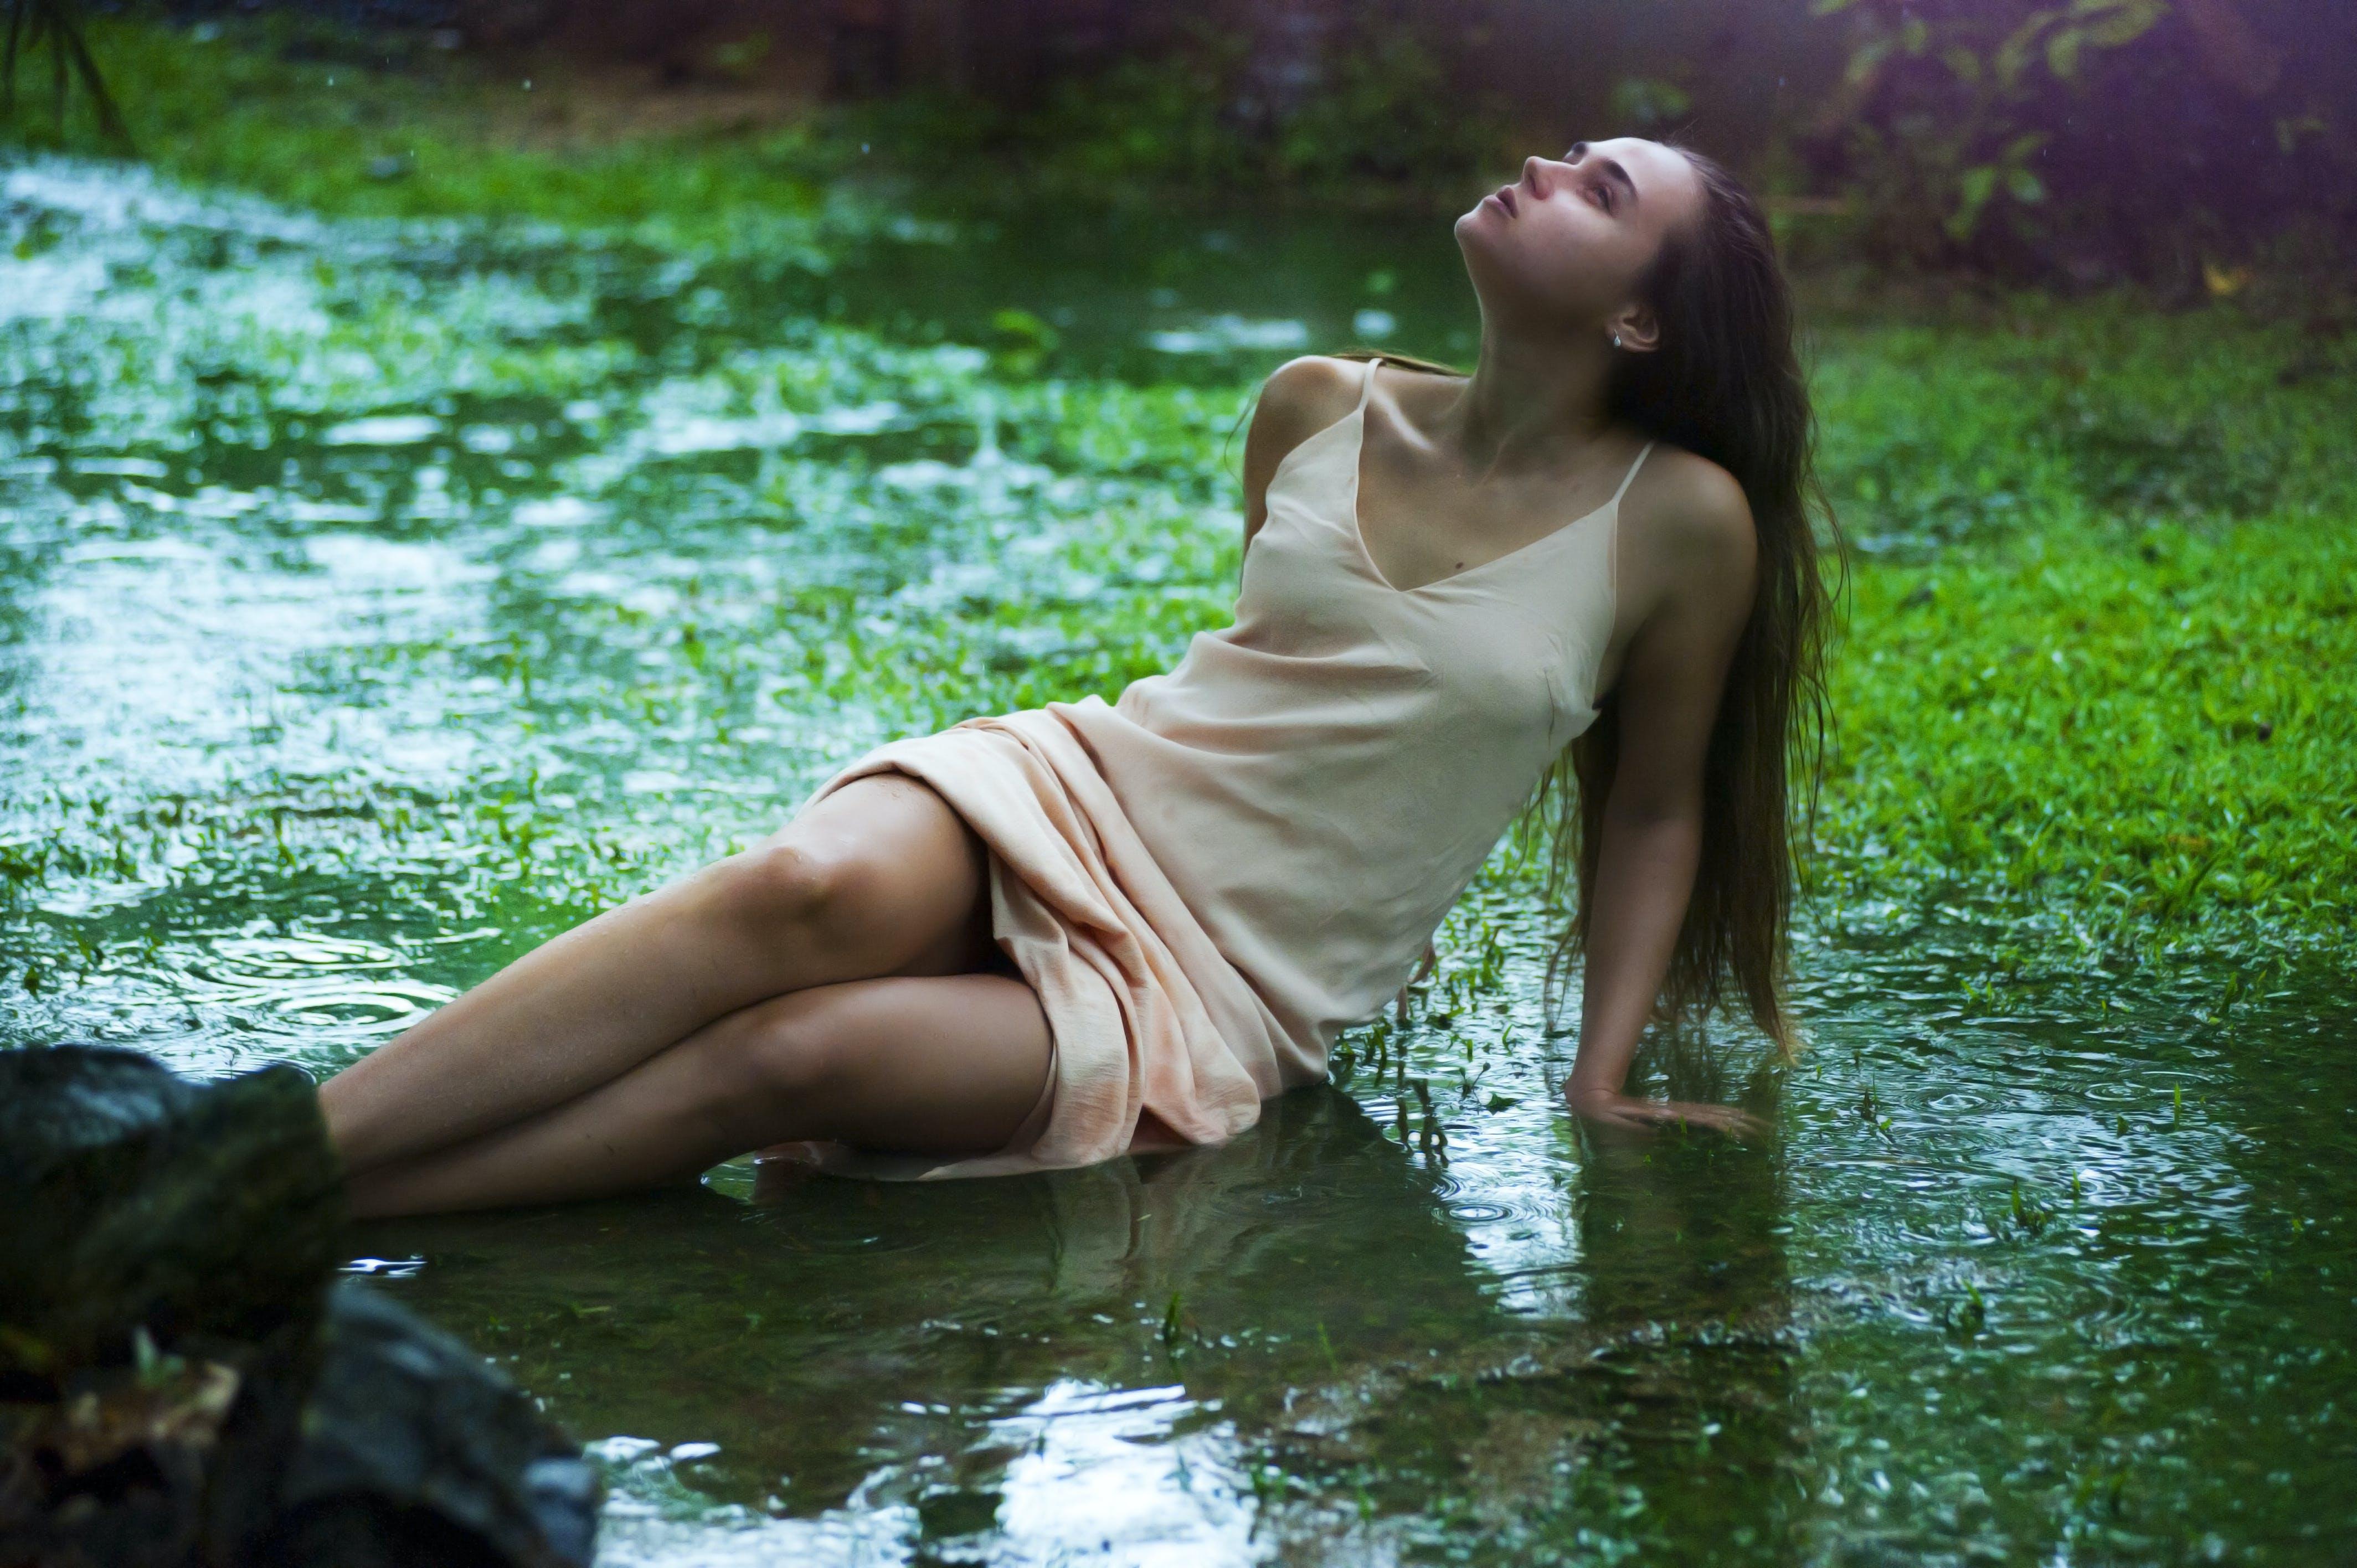 Woman Lying on Wet Grass Field